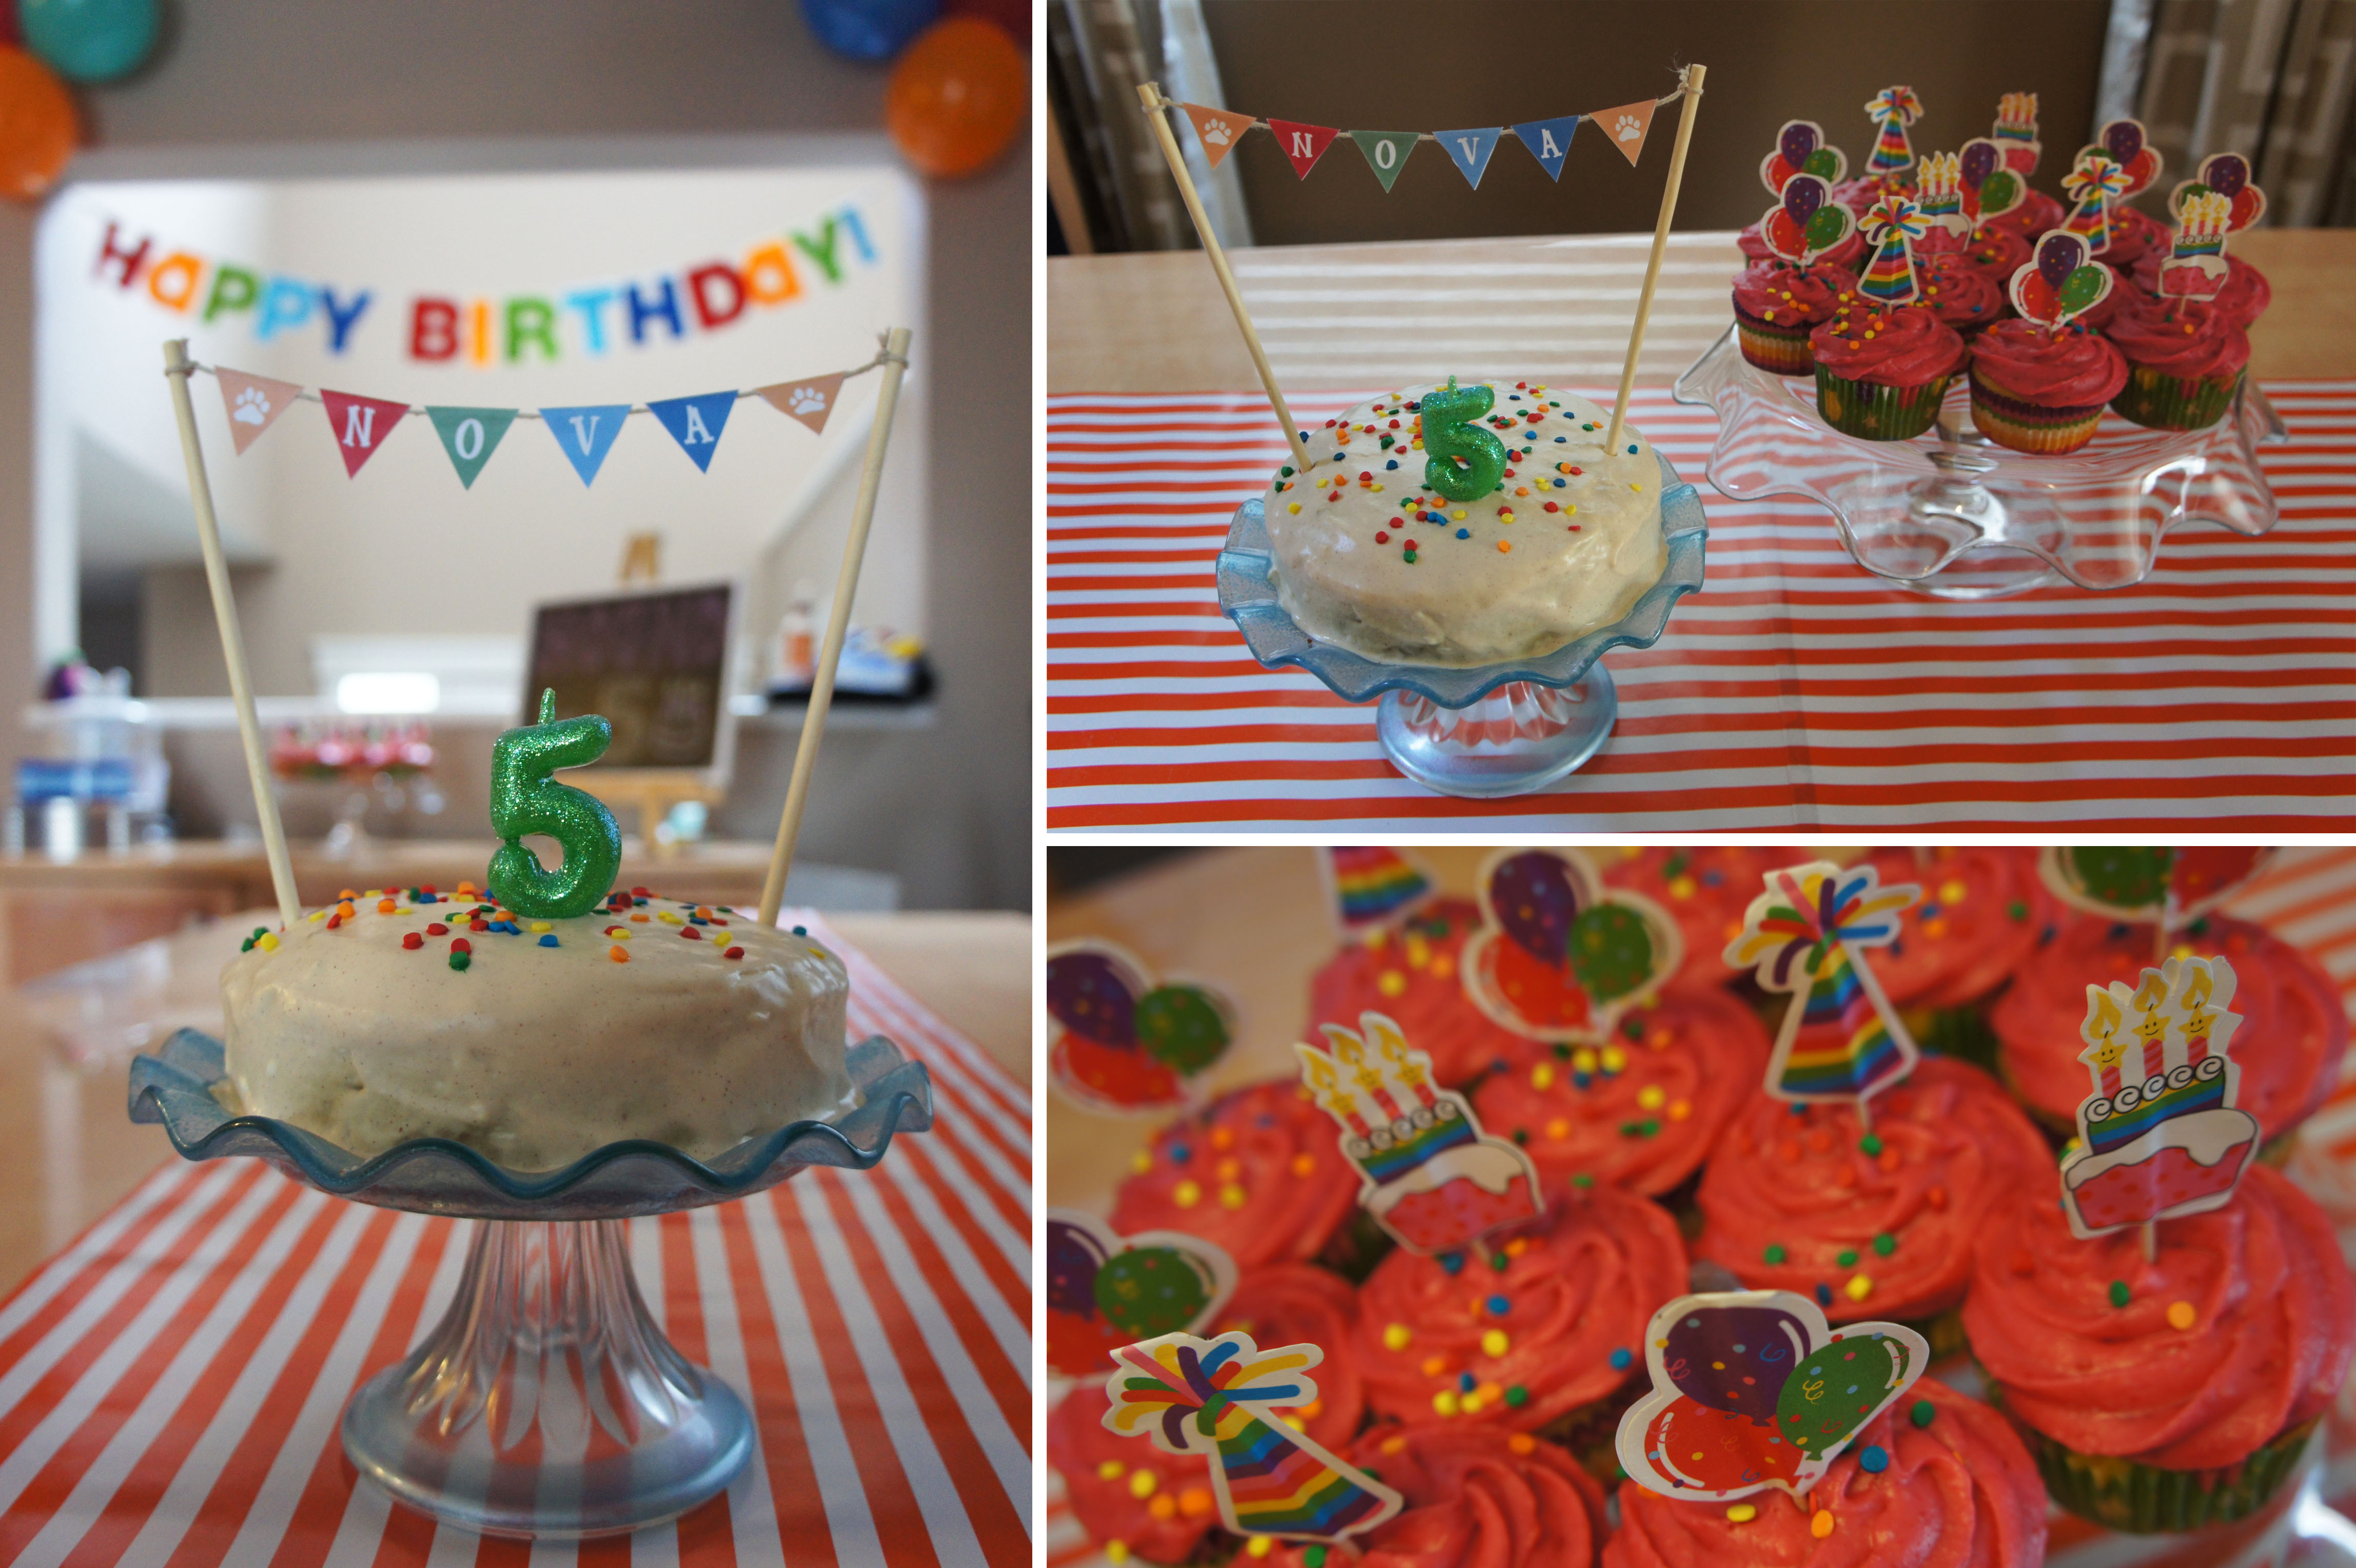 Happy Birthday Hound Dog Plus A Doggie Cake Recipe